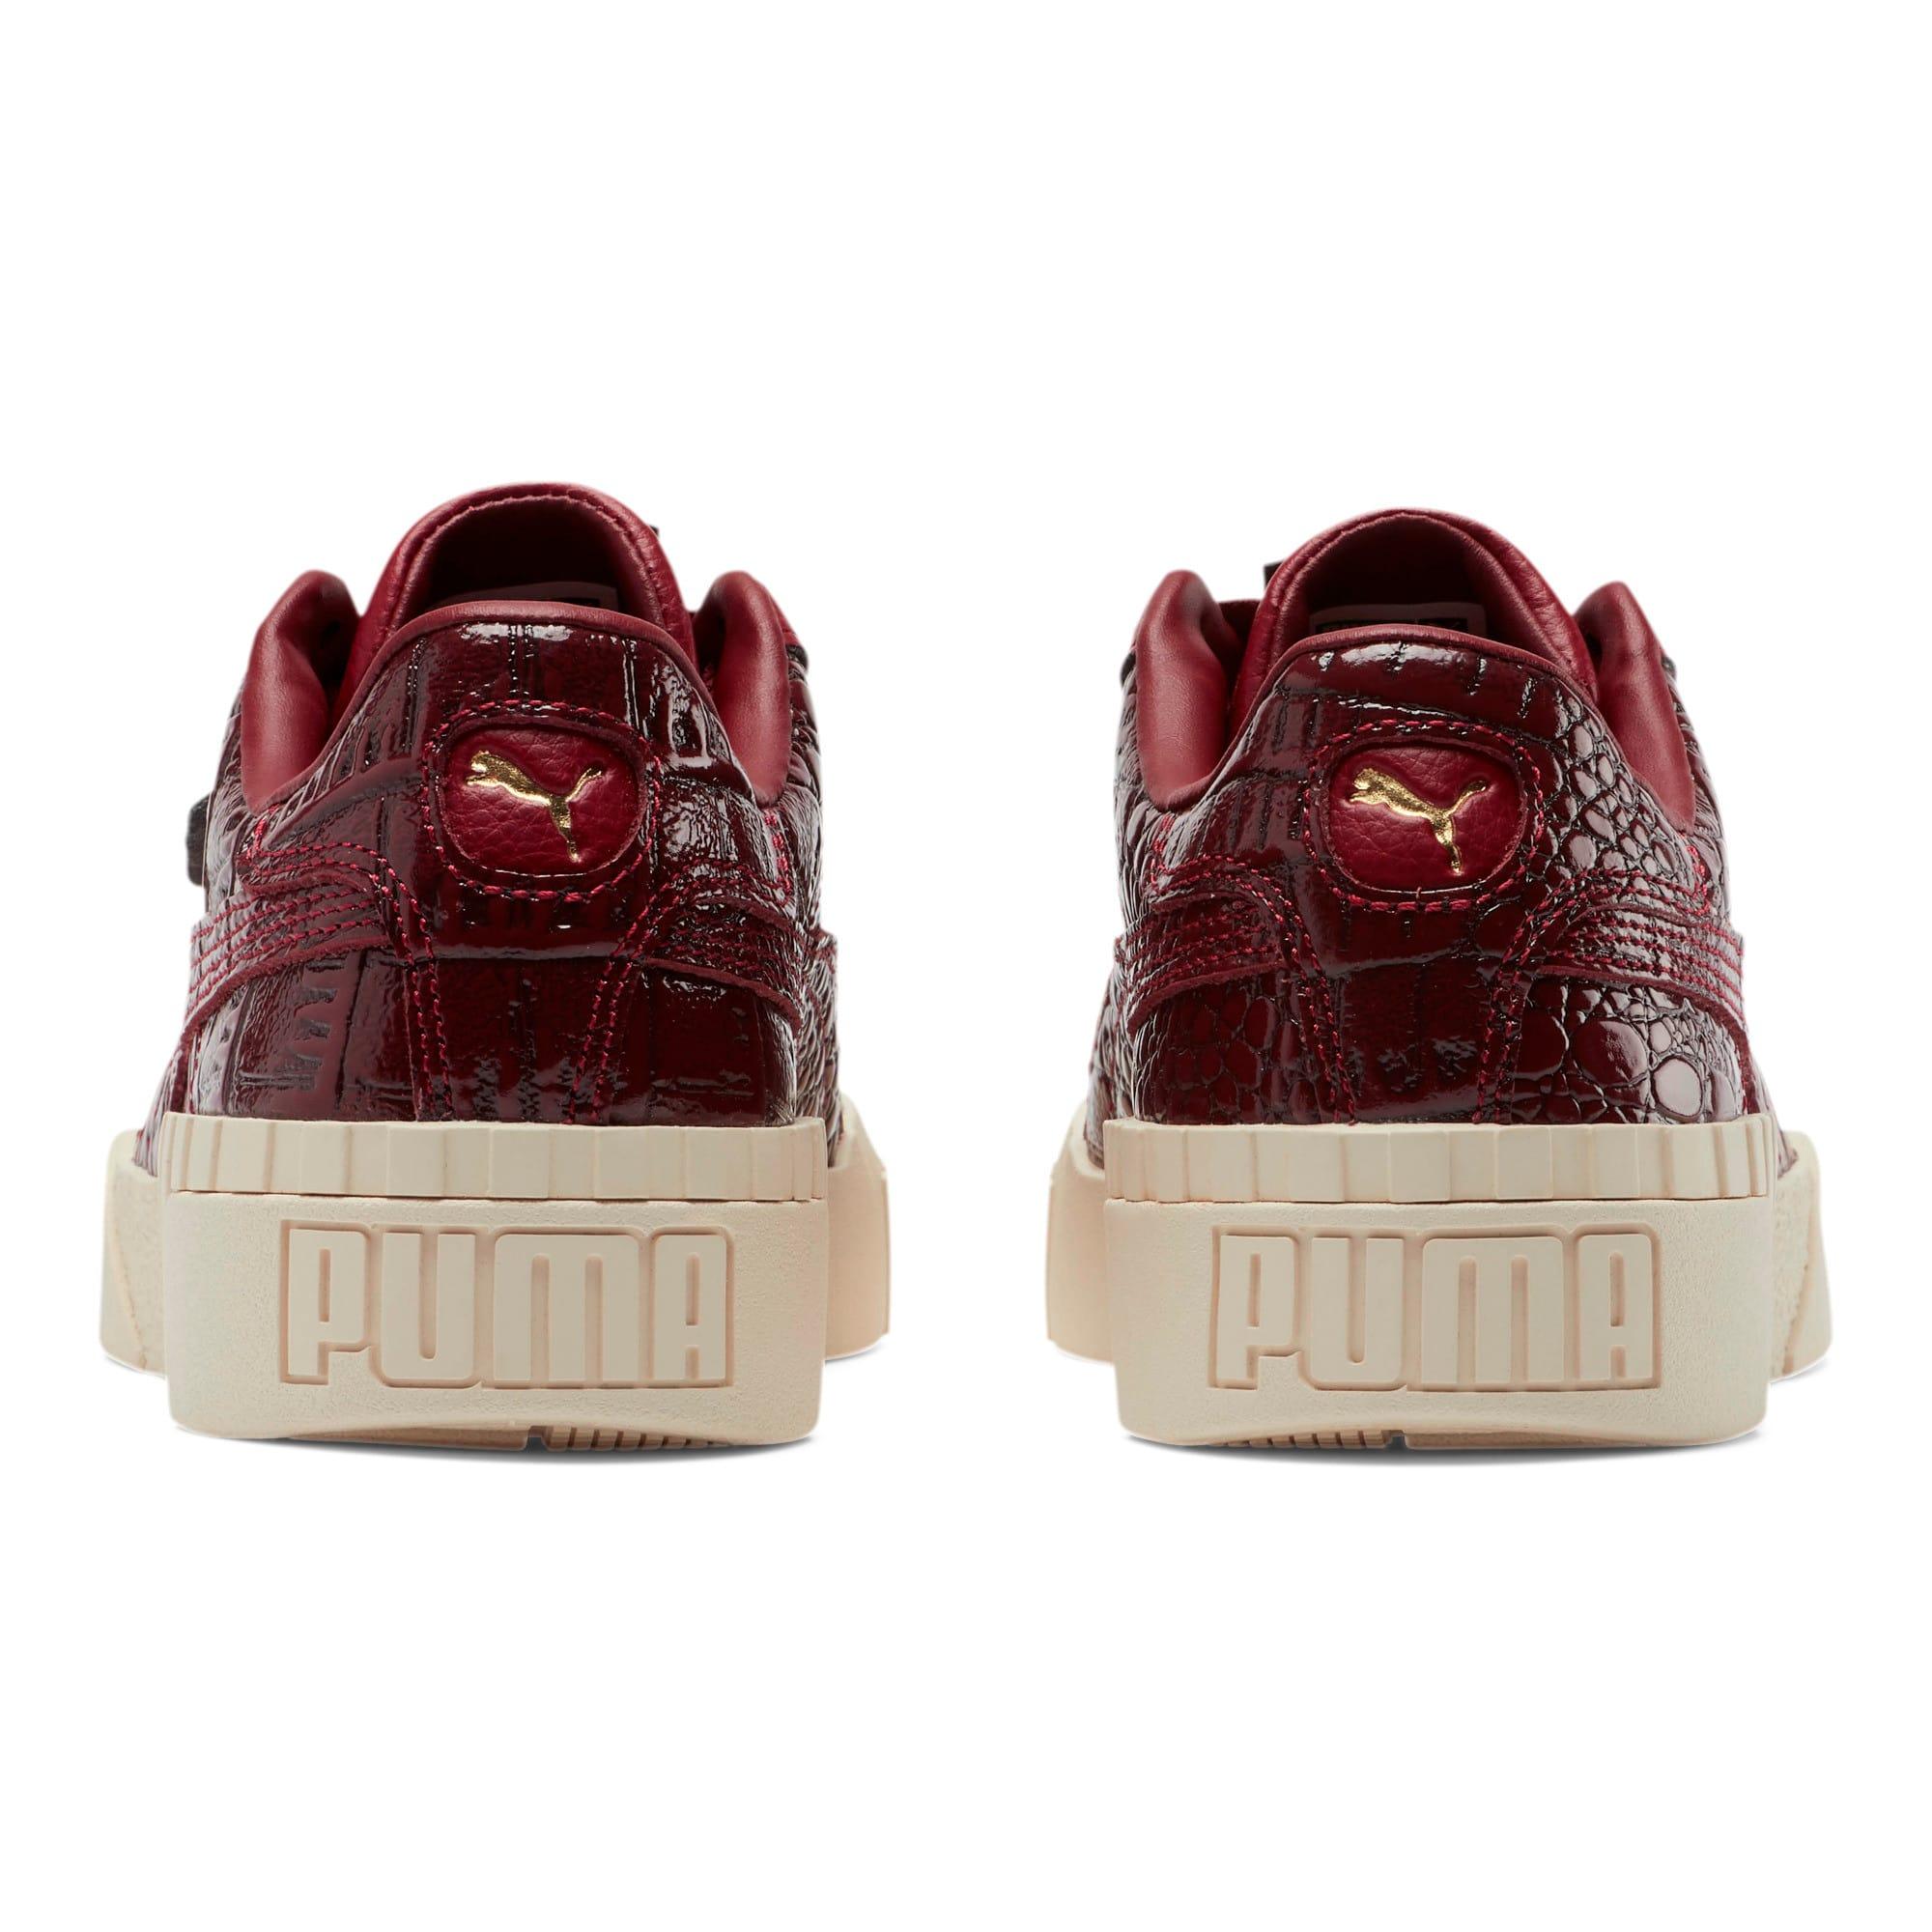 Thumbnail 4 of Cali Croc Women's Sneakers, Pomegranate-Pomegranate, medium